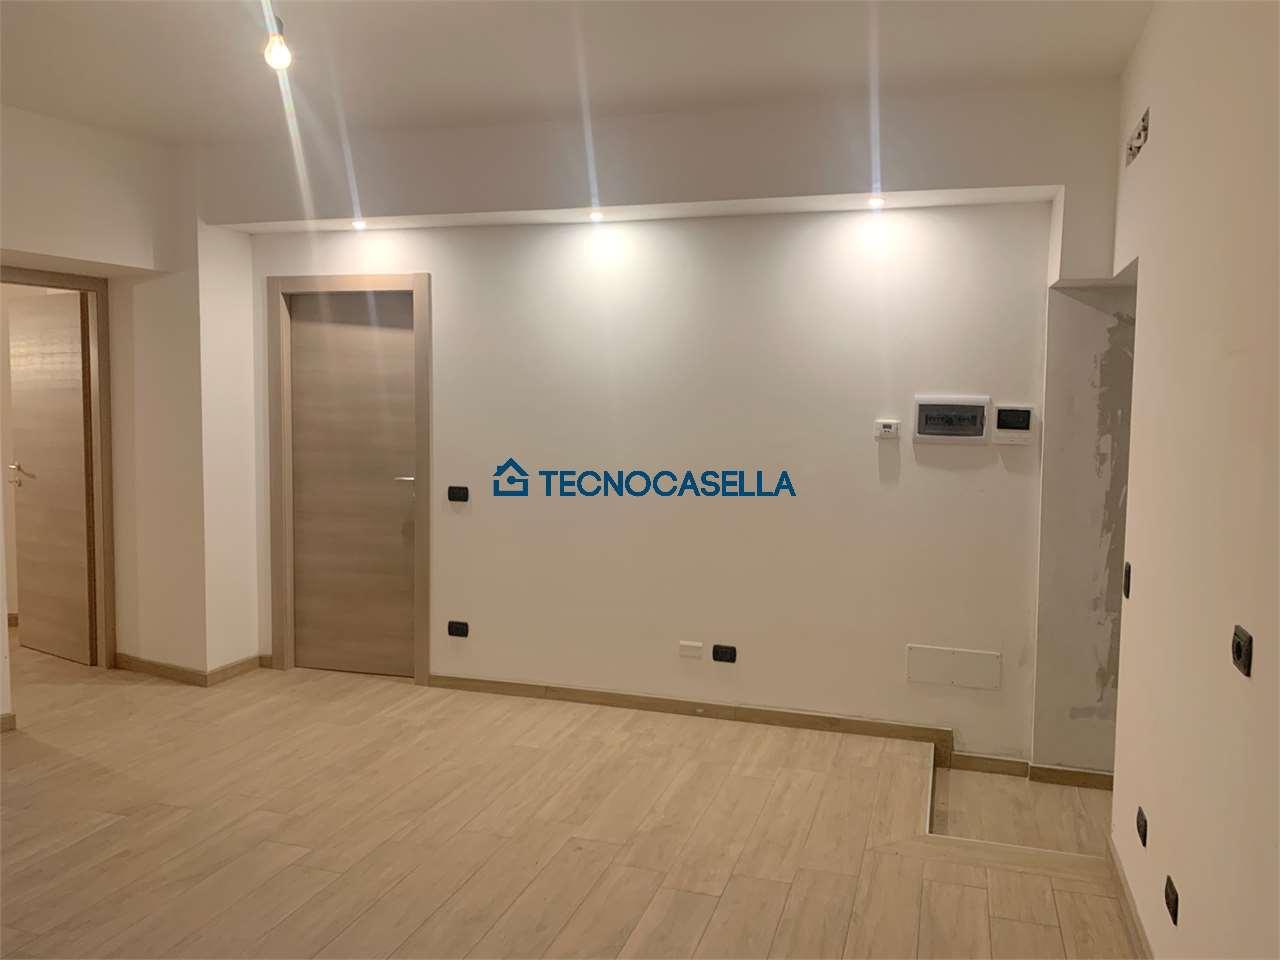 Appartamento in vendita a Ossona, 2 locali, prezzo € 87.000 | PortaleAgenzieImmobiliari.it